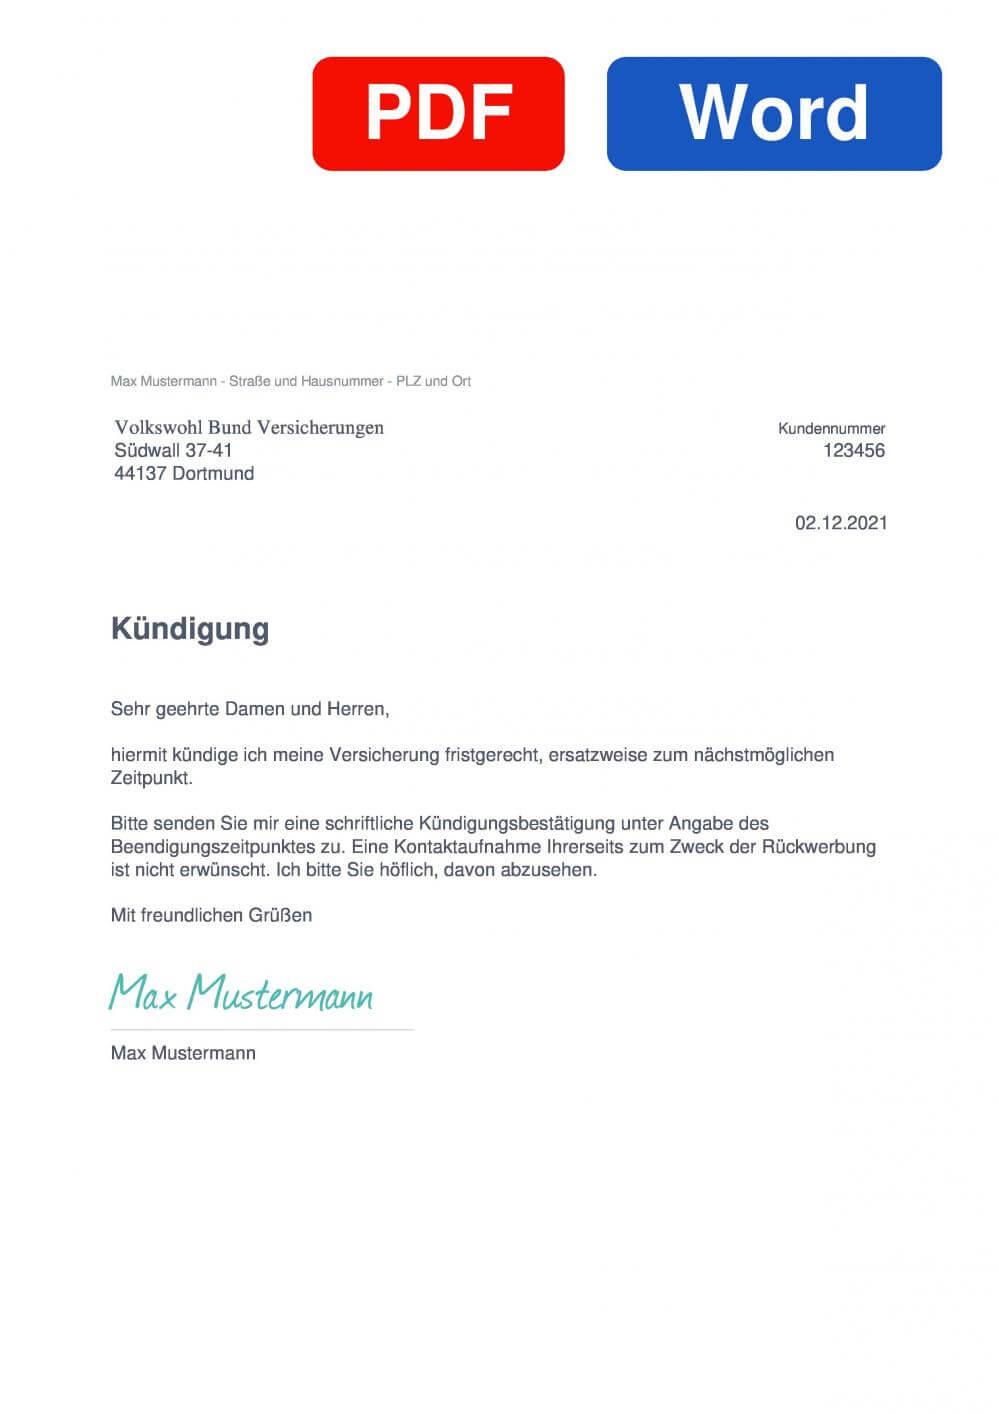 Volkswohl-Bund Hausratversicherung Muster Vorlage für Kündigungsschreiben